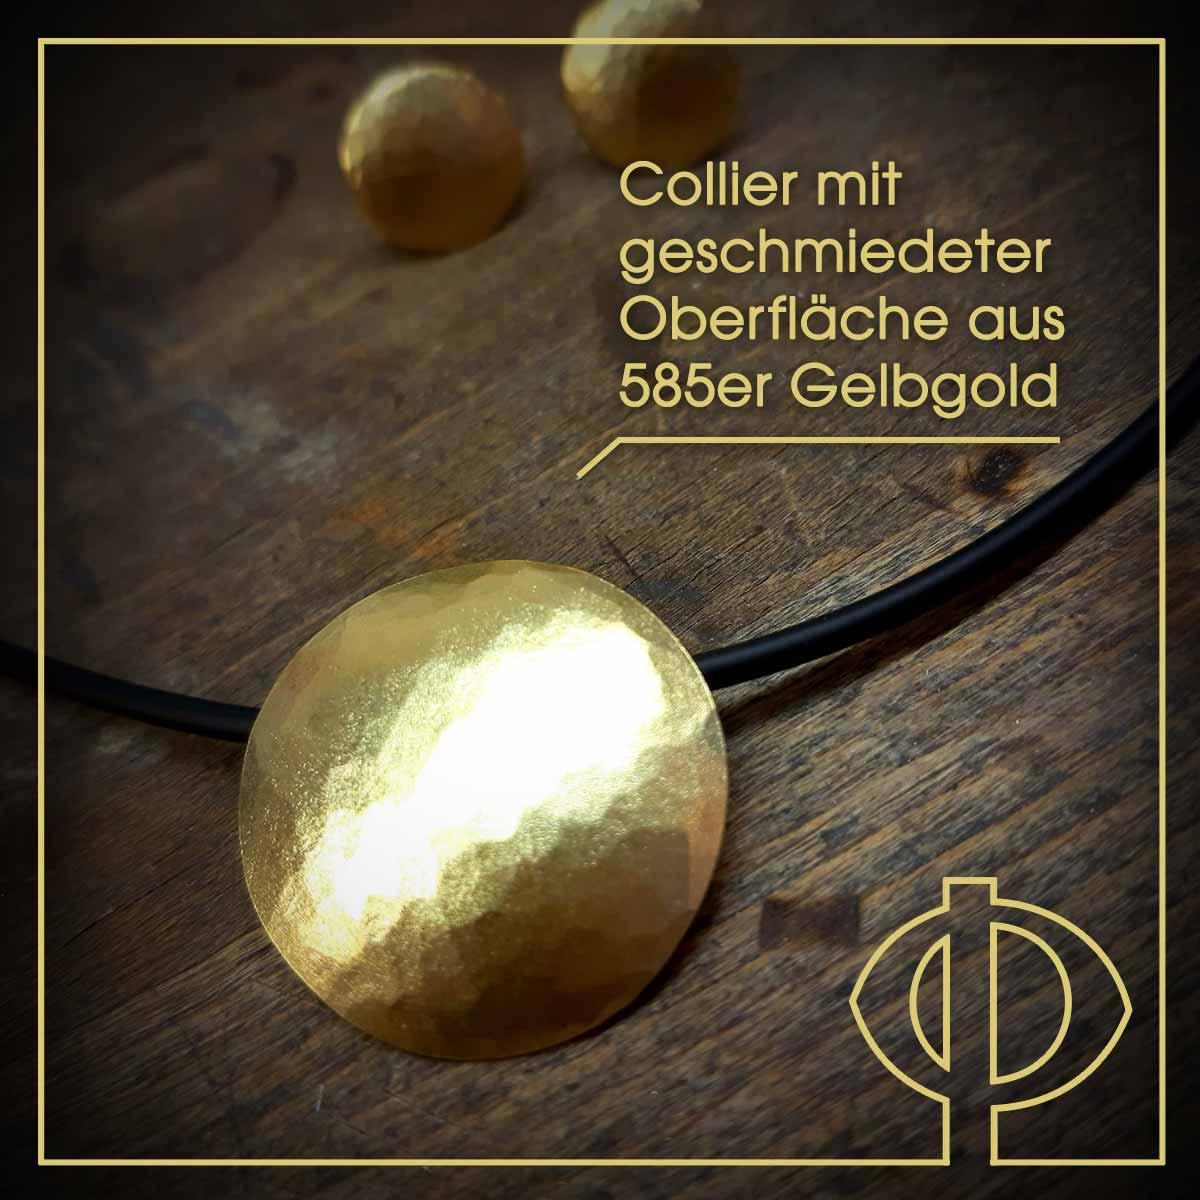 Collier mit geschmiedeter Oberfläche aus 585er Gelbgold